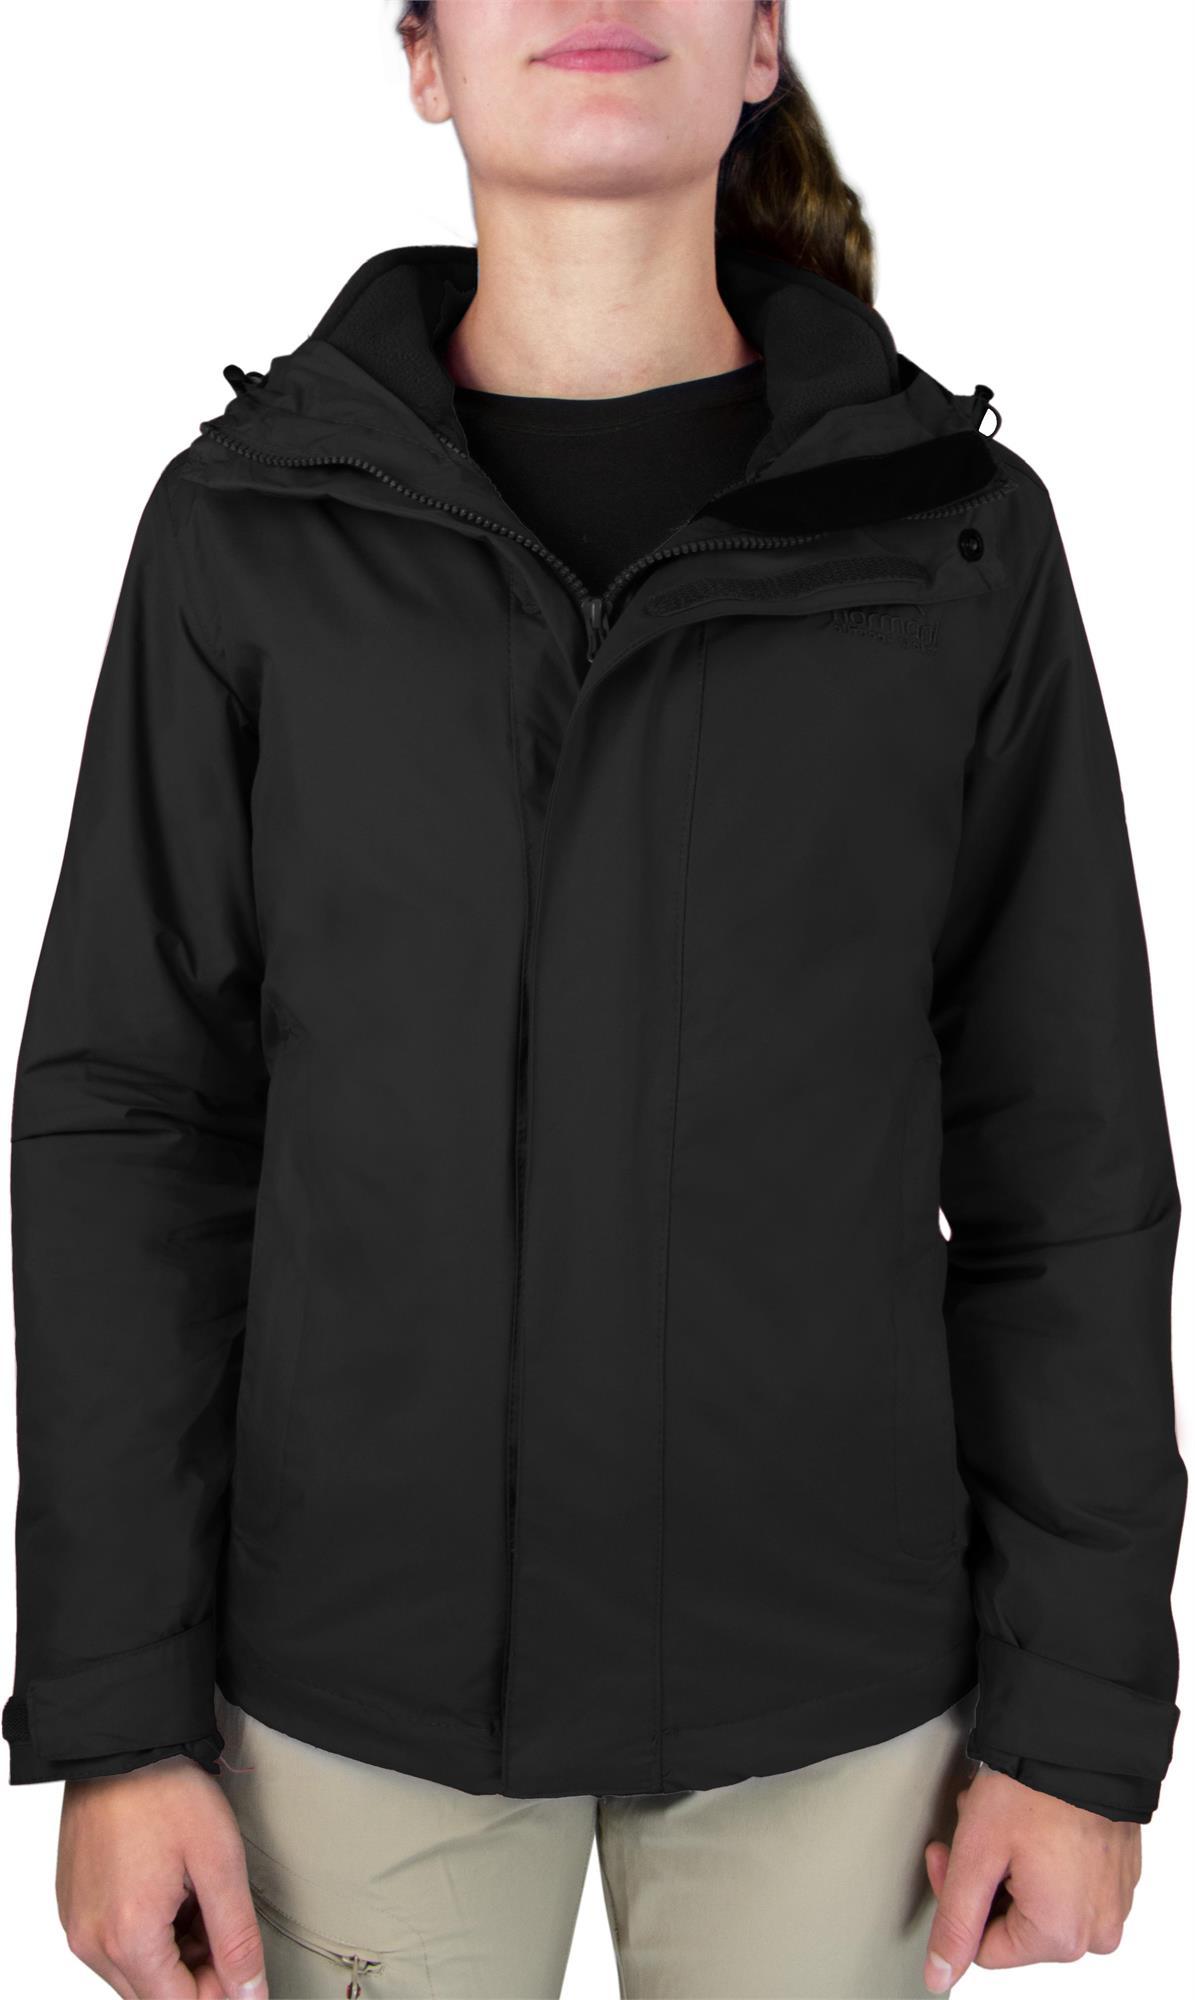 Damen-Jacke Hardshelljacke Übergangs-Regenjacke mit Kapuze Wassersäule 10.000mm